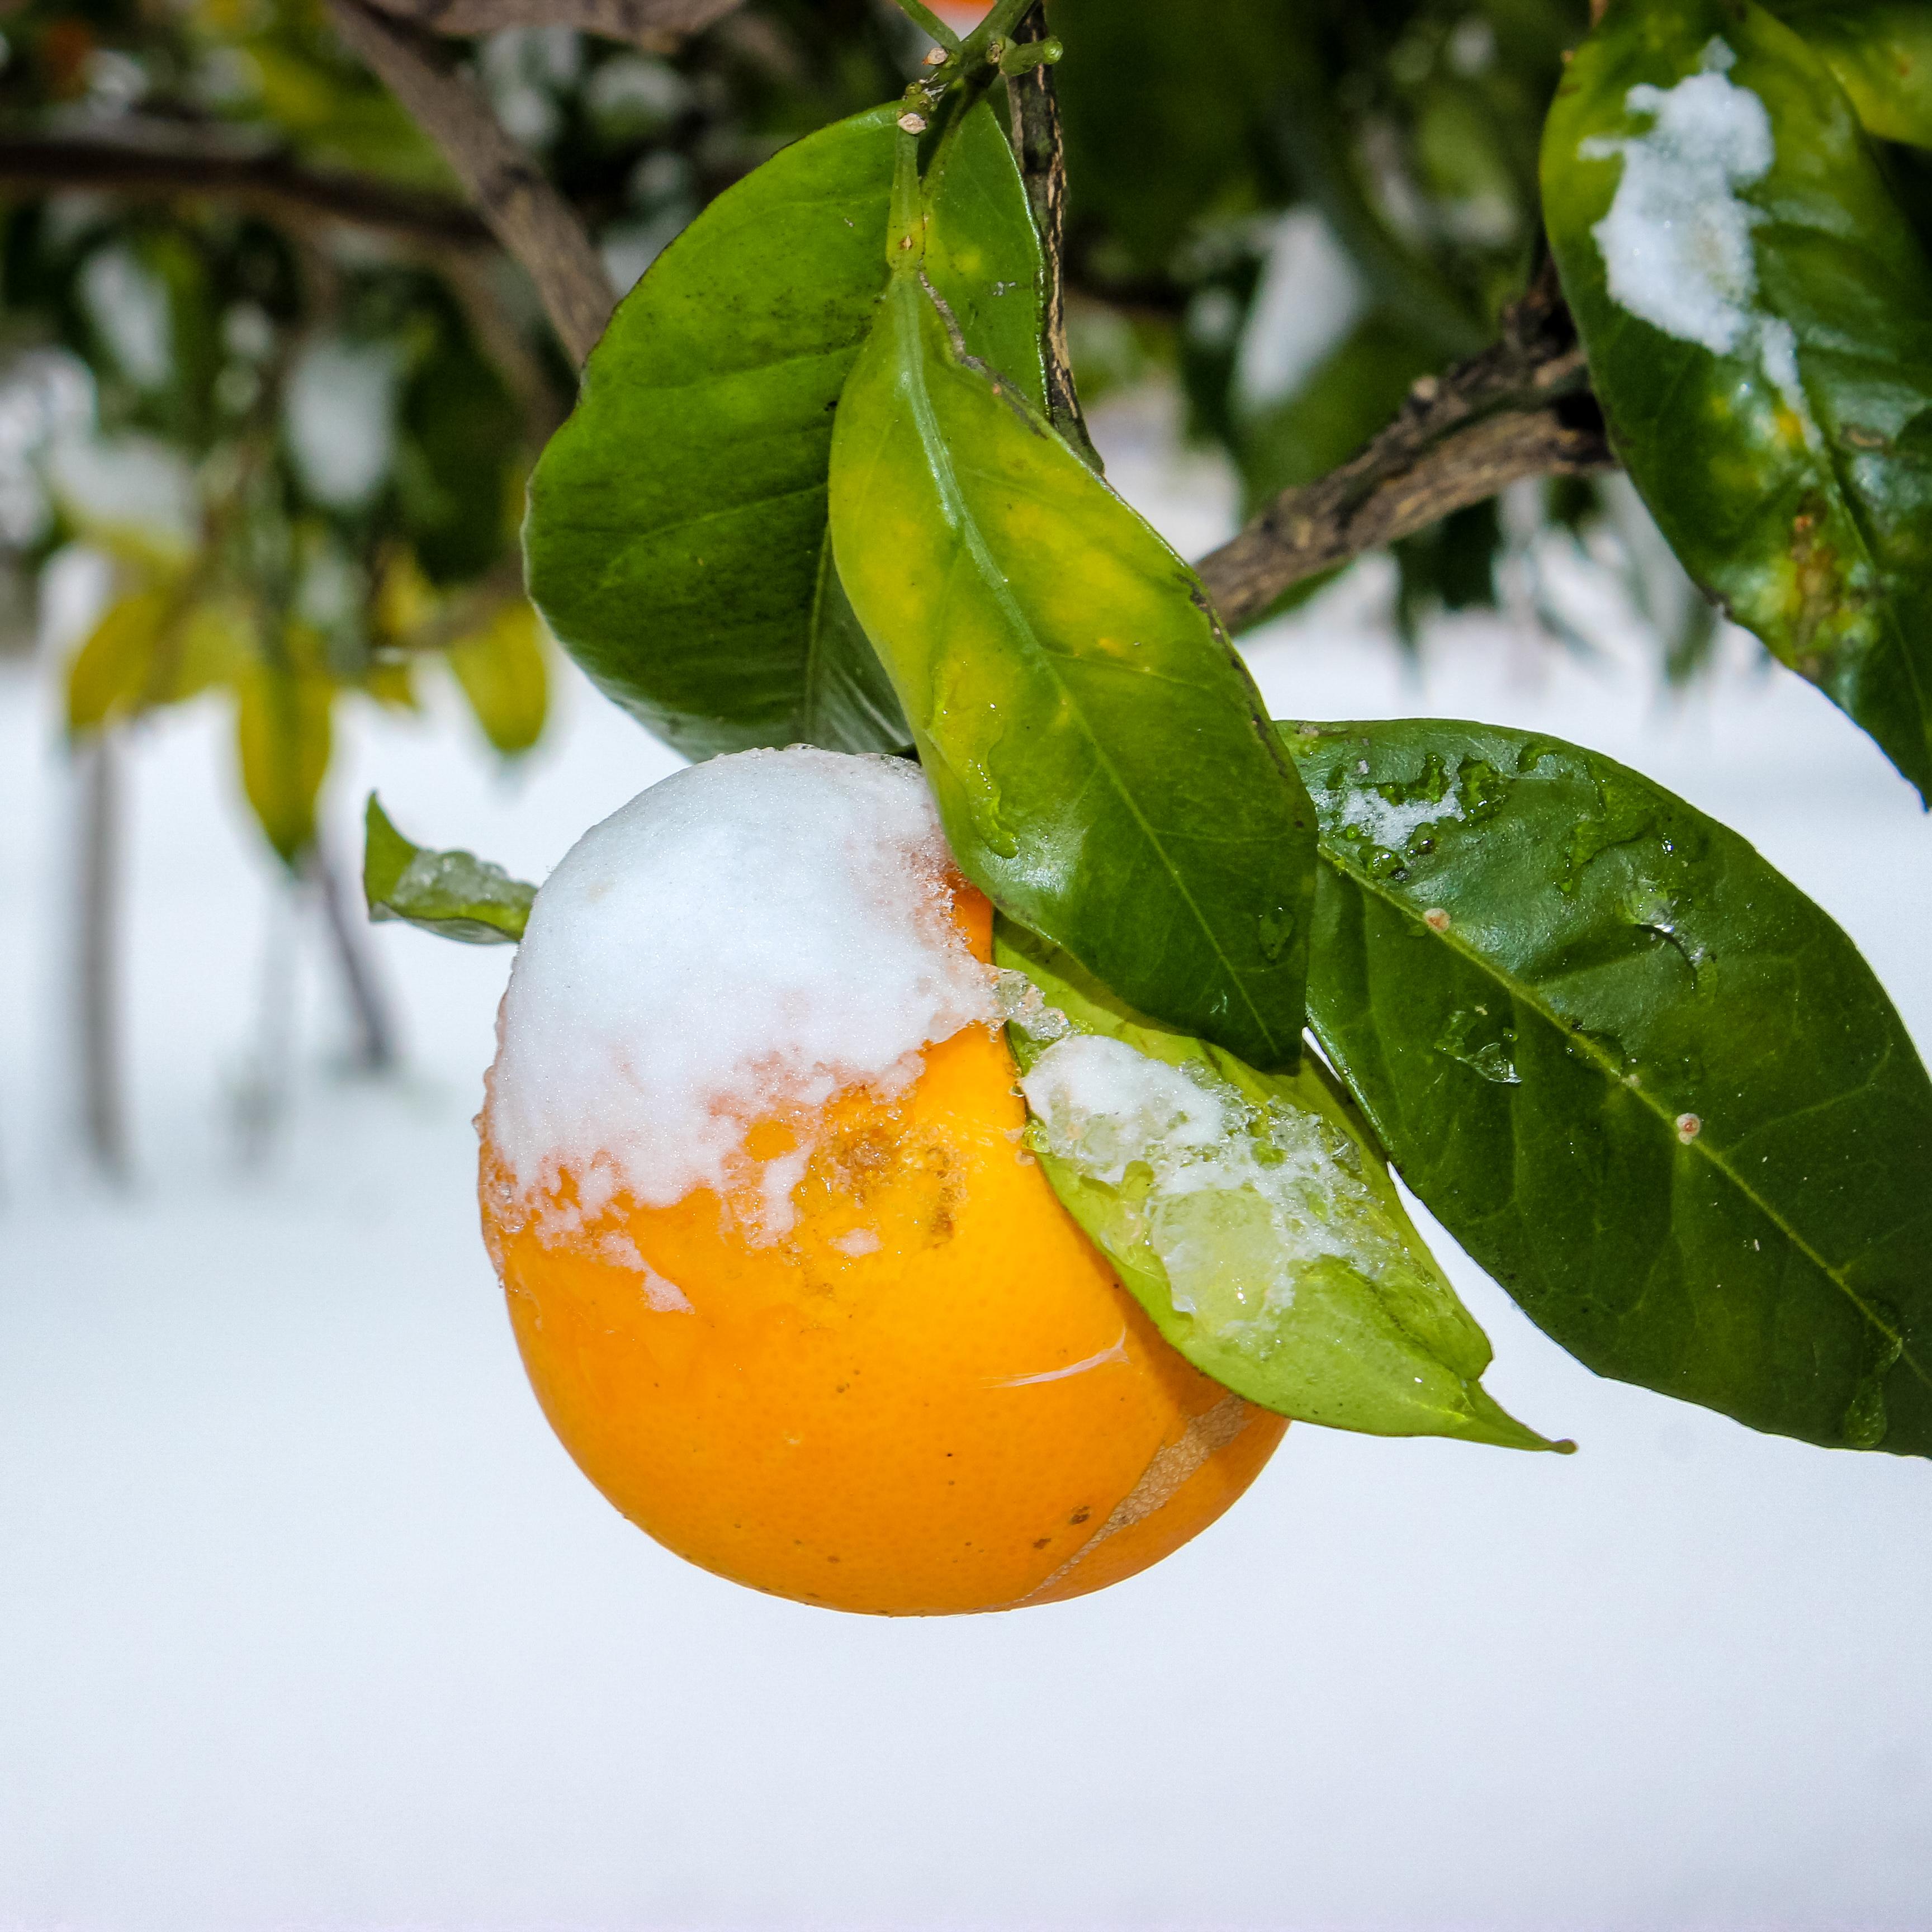 Orange under snow